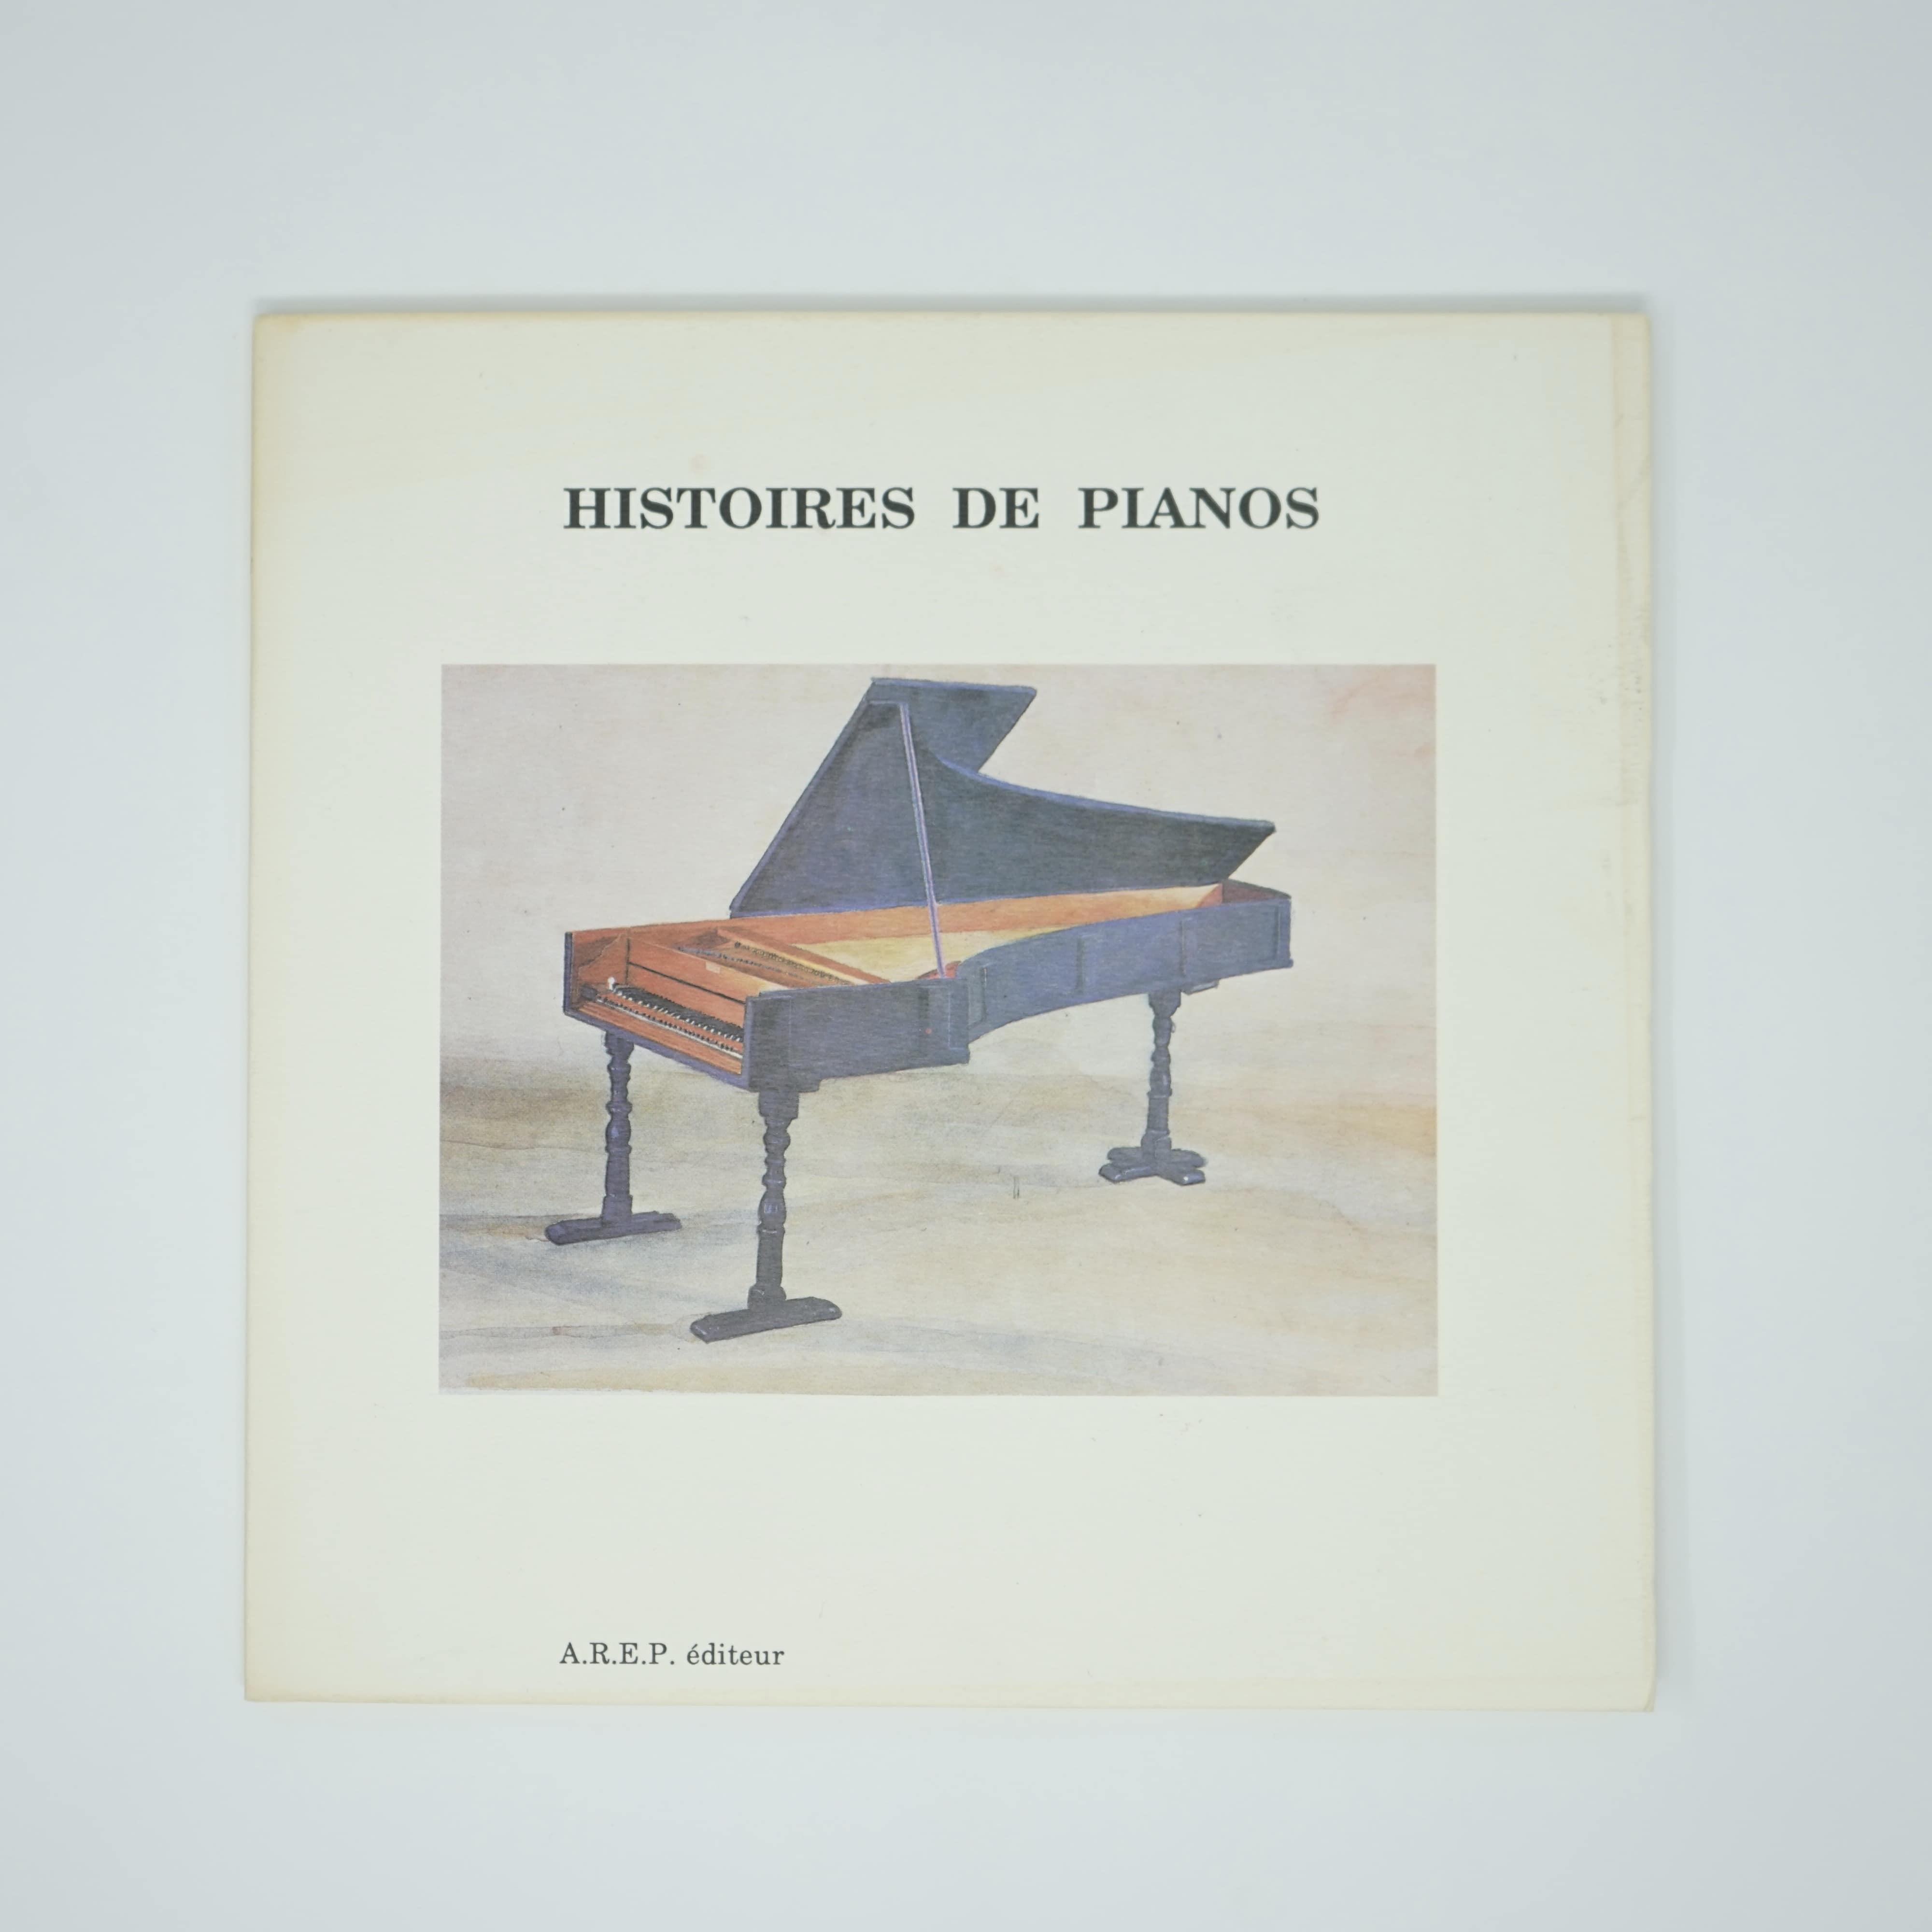 Livre Histoires de Pianos Année 1990 couverture